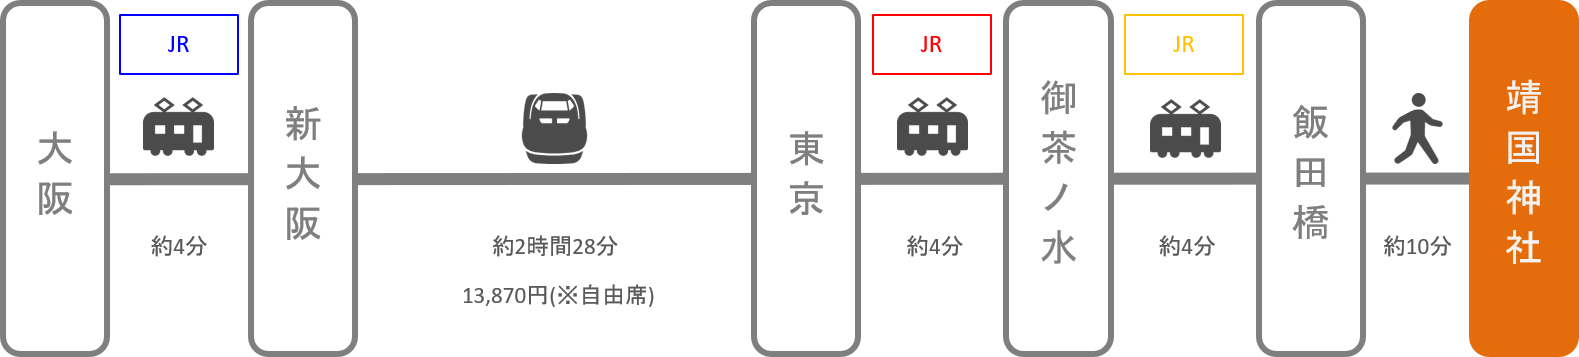 靖国神社_大阪_新幹線